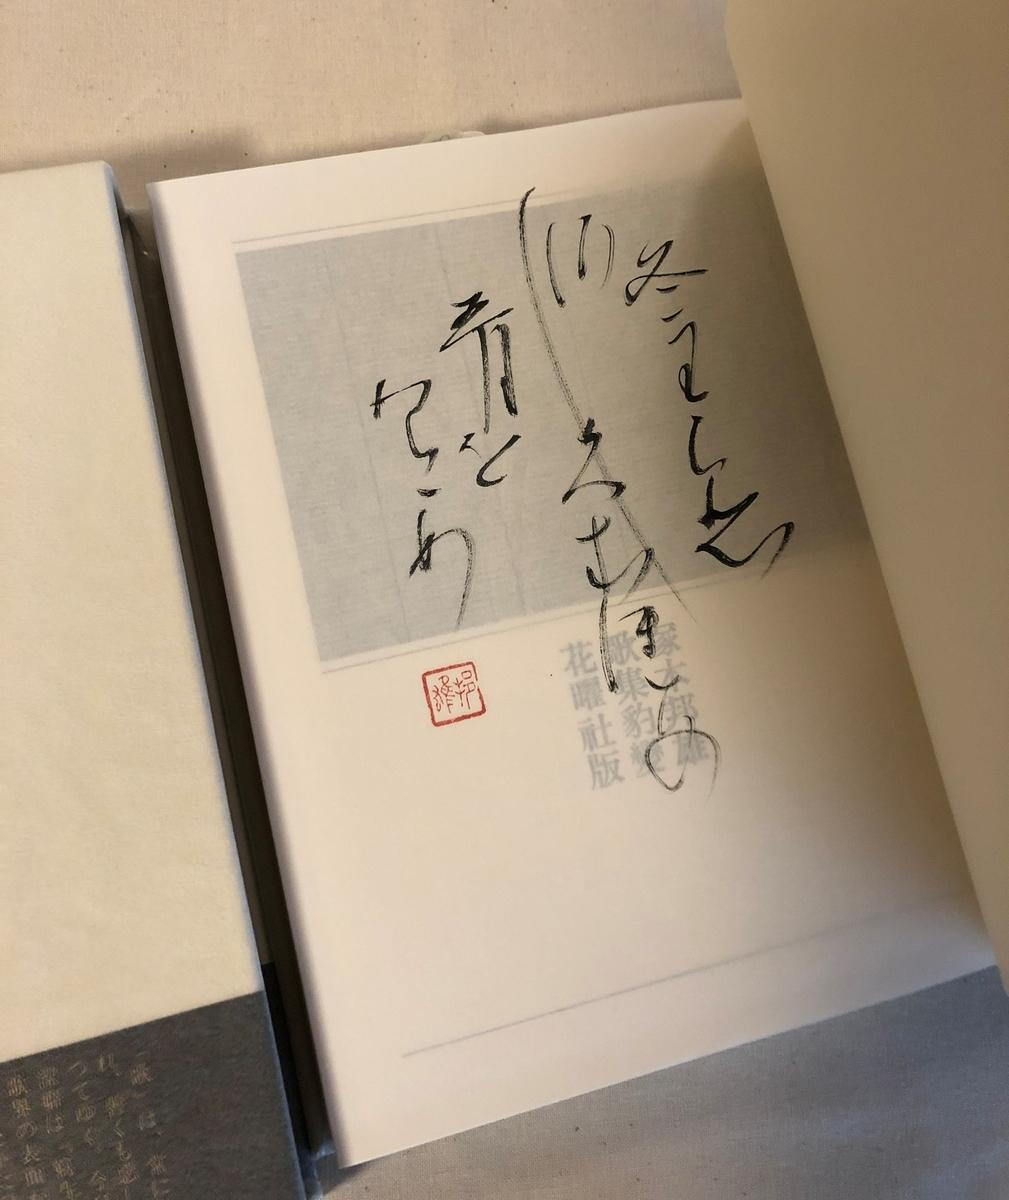 f:id:yomoyamayomoyama:20190407162400j:plain